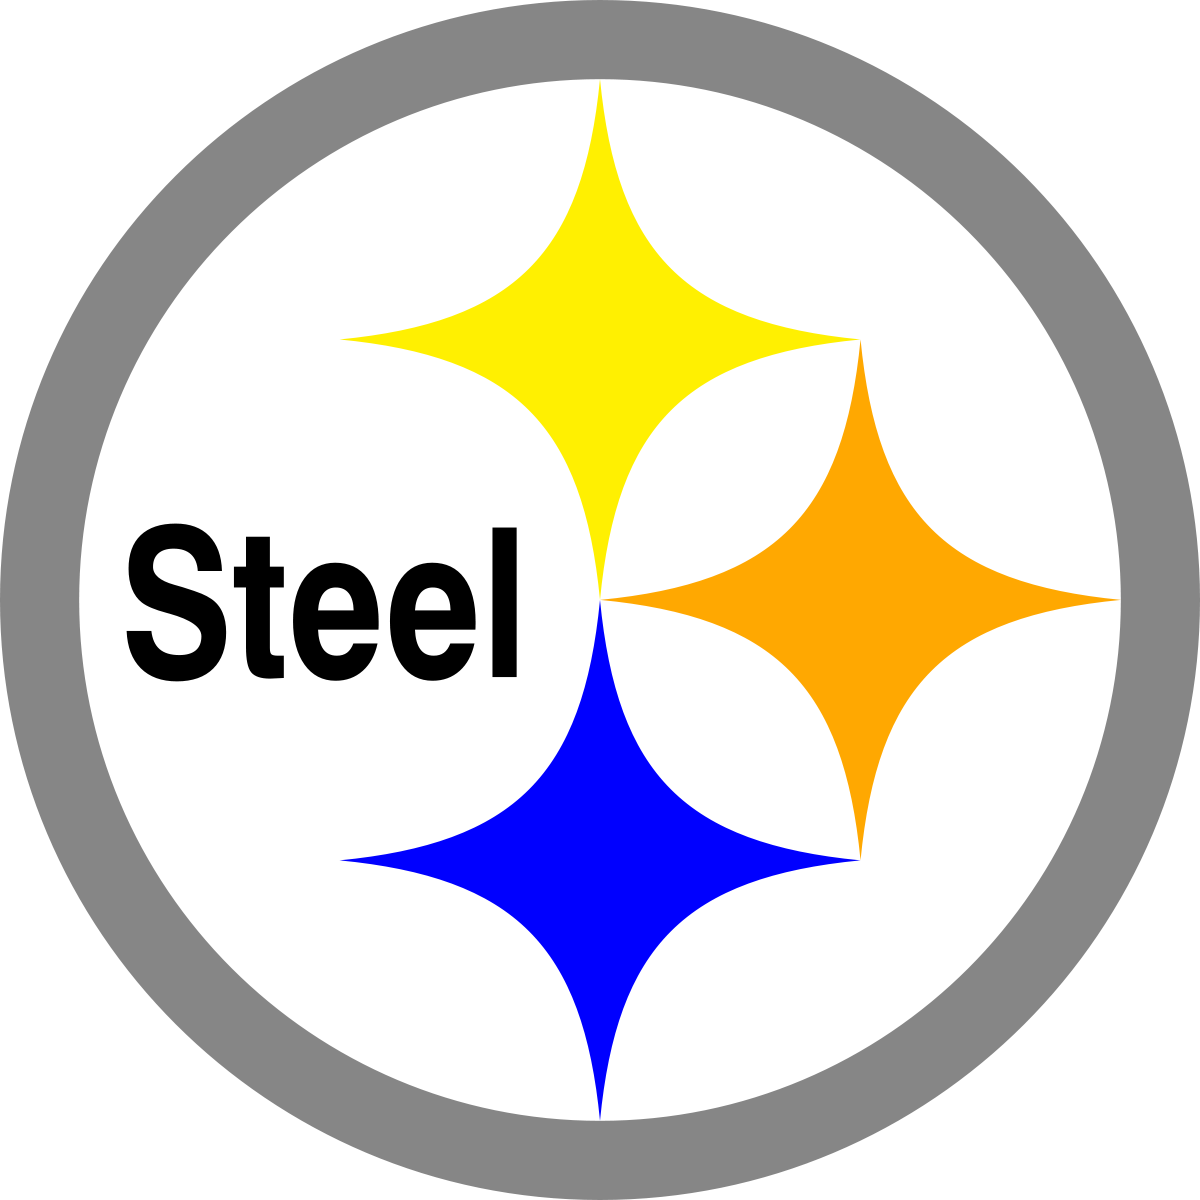 Steelmark.